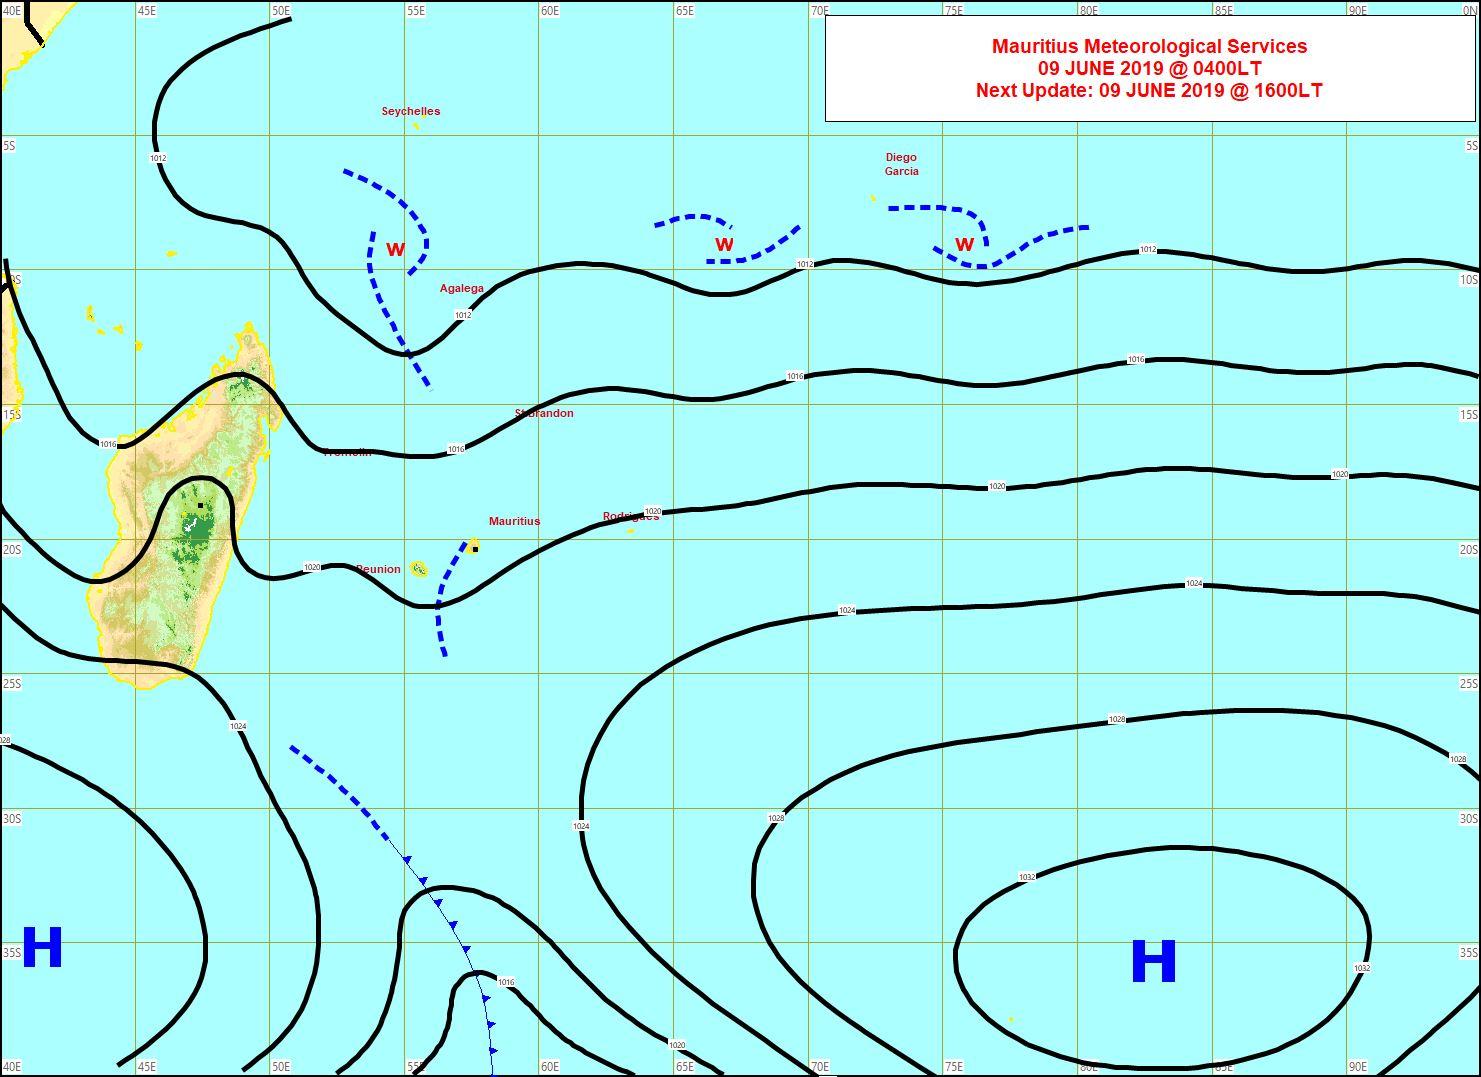 Analyse de surface ce matin. Répit dominical au niveau des vents pour les Iles Soeurs. Cependant un anticyclone s'approche par le sud-ouest. L'alizé va nettement se renforcer à partir de lundi alors que la haute mer va grossir. MMS